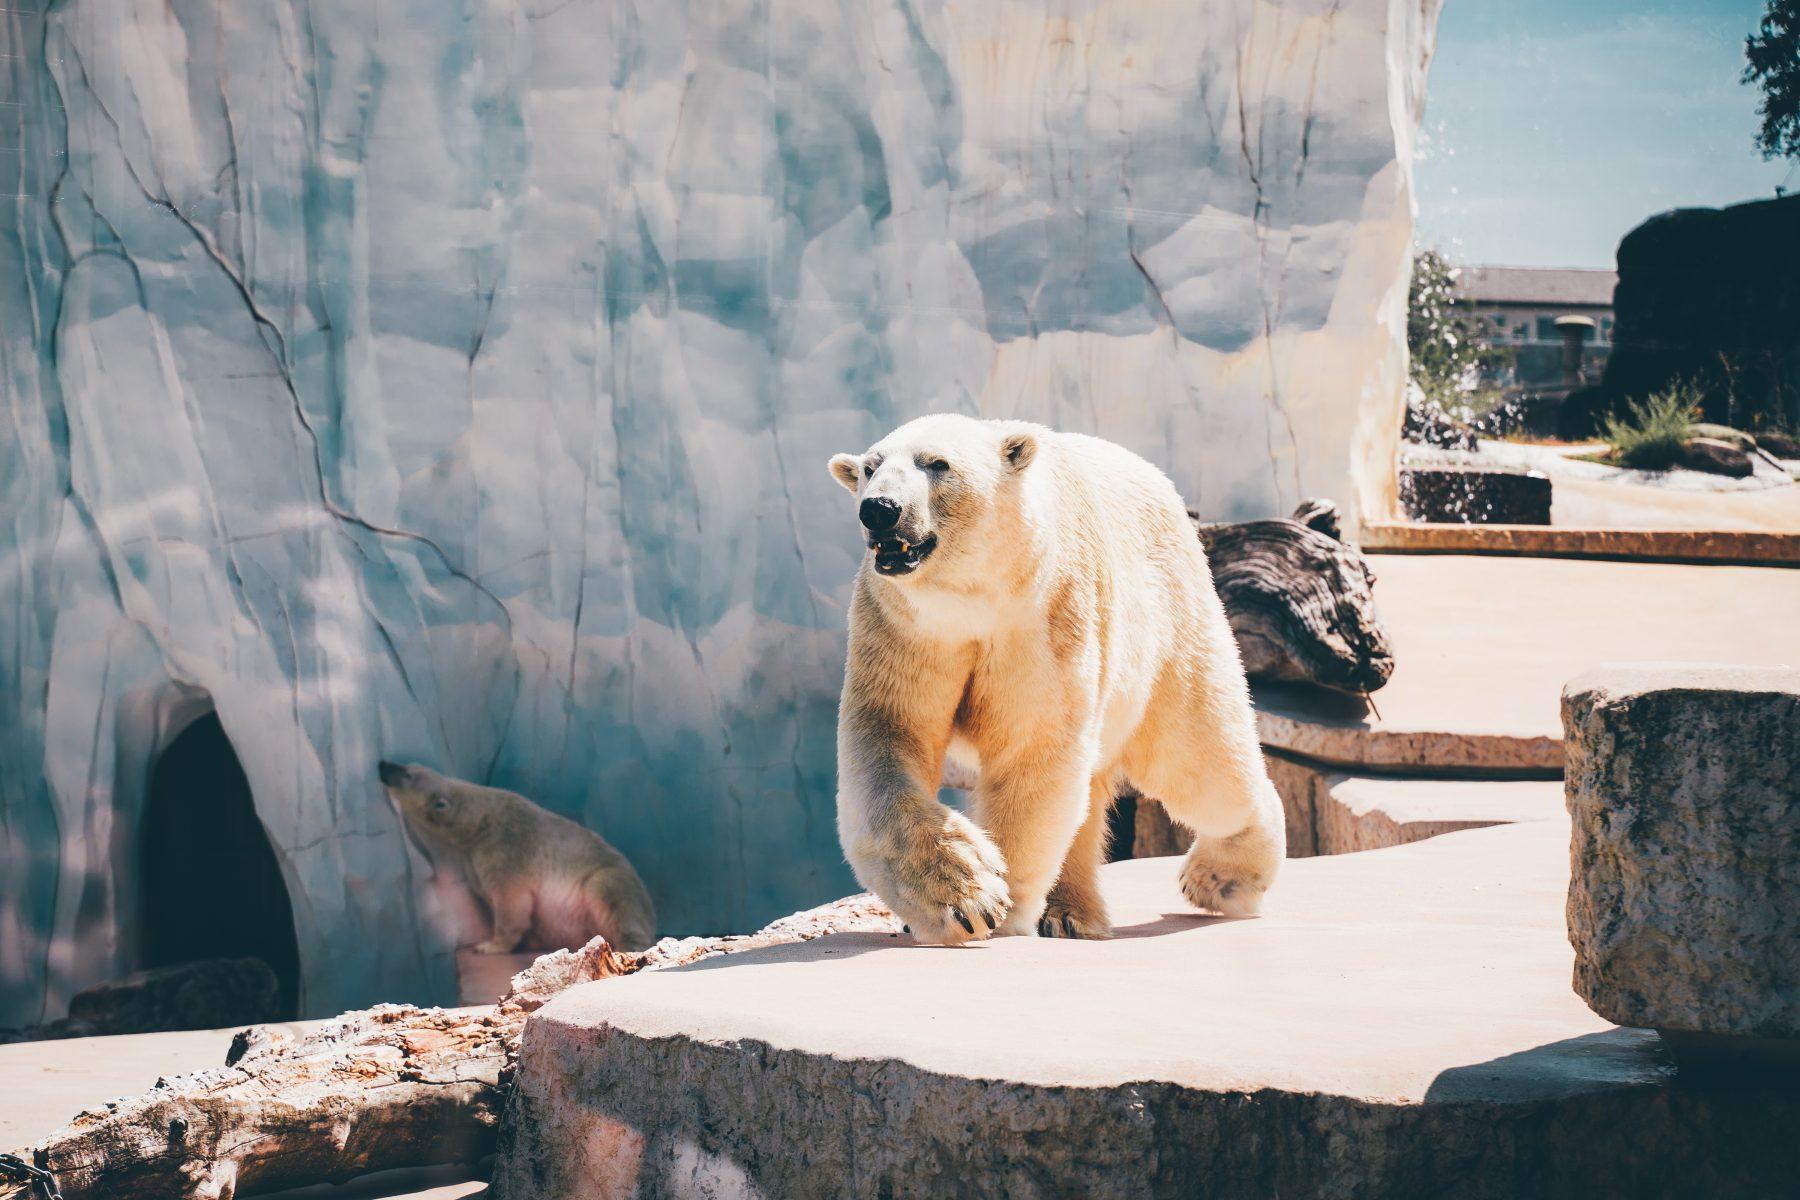 'Als we zo doorgaan, zijn er geen ijsberen meer in 2100'